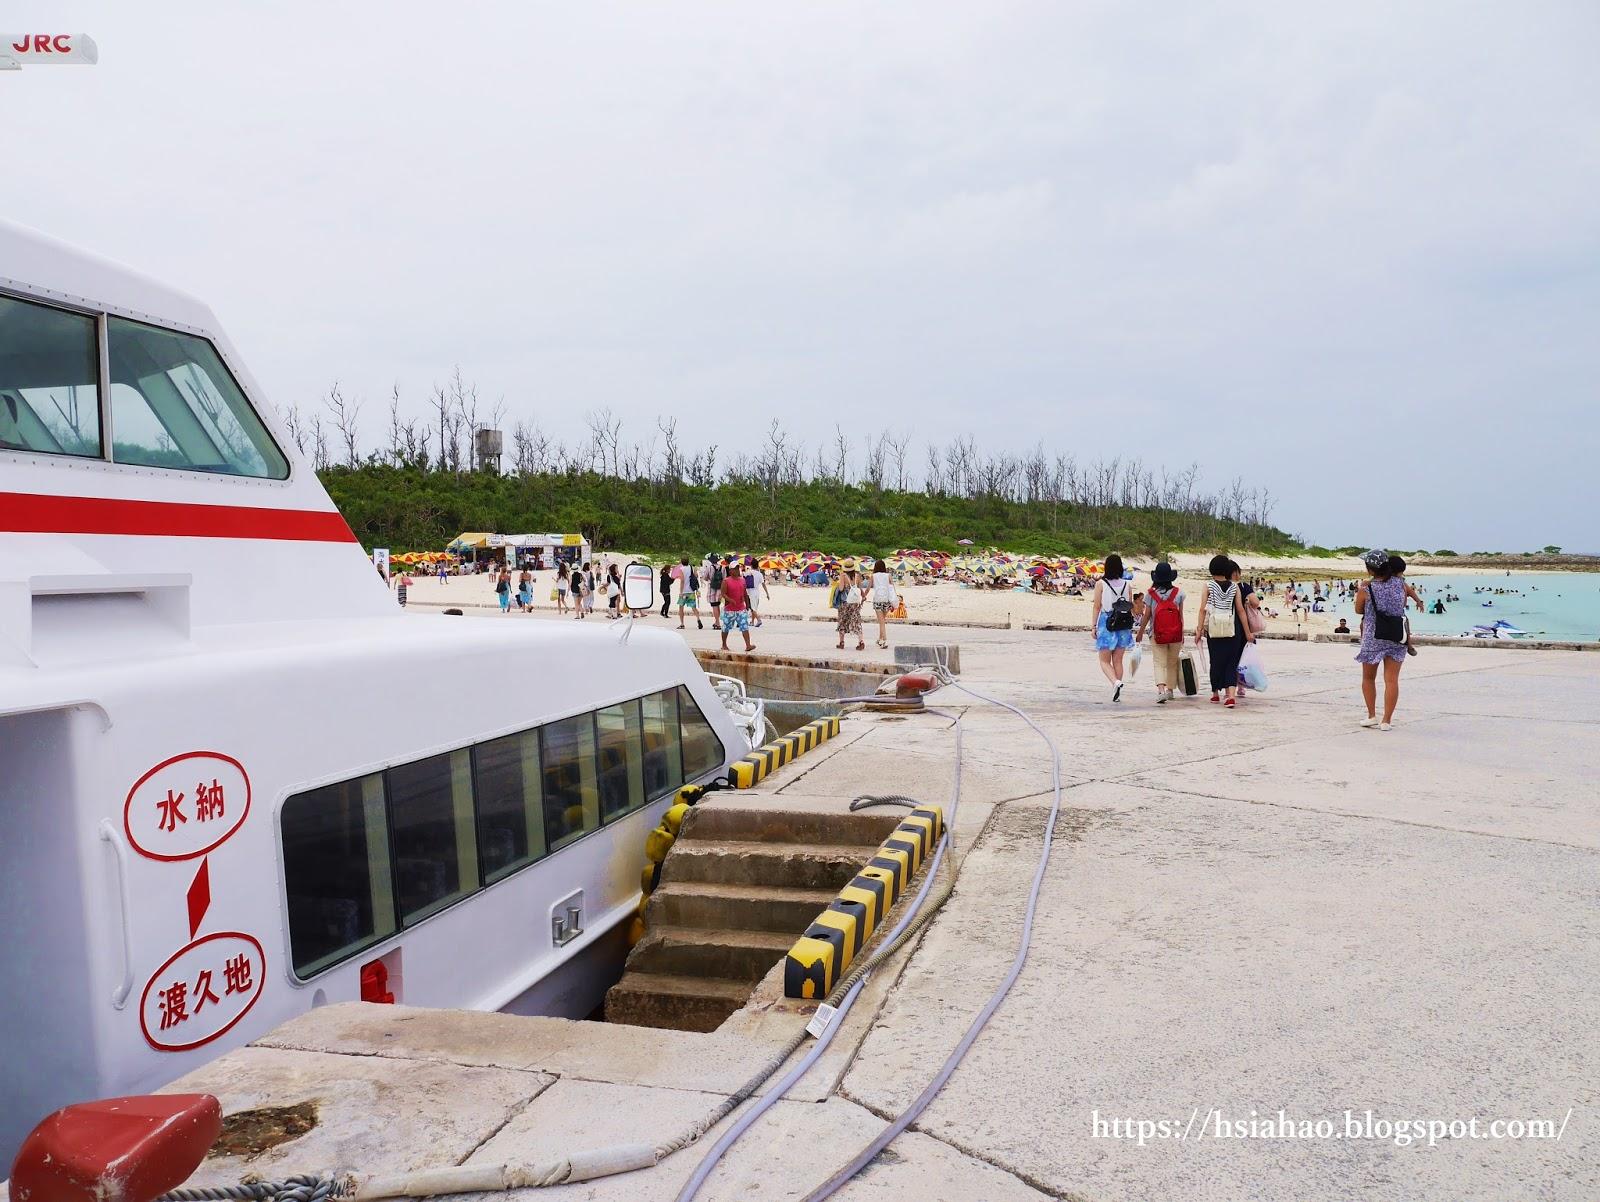 沖繩-景點-水納島-水納海灘-水納ビーチ-Minna-Beach-推薦-自由行-旅遊-Okinawa